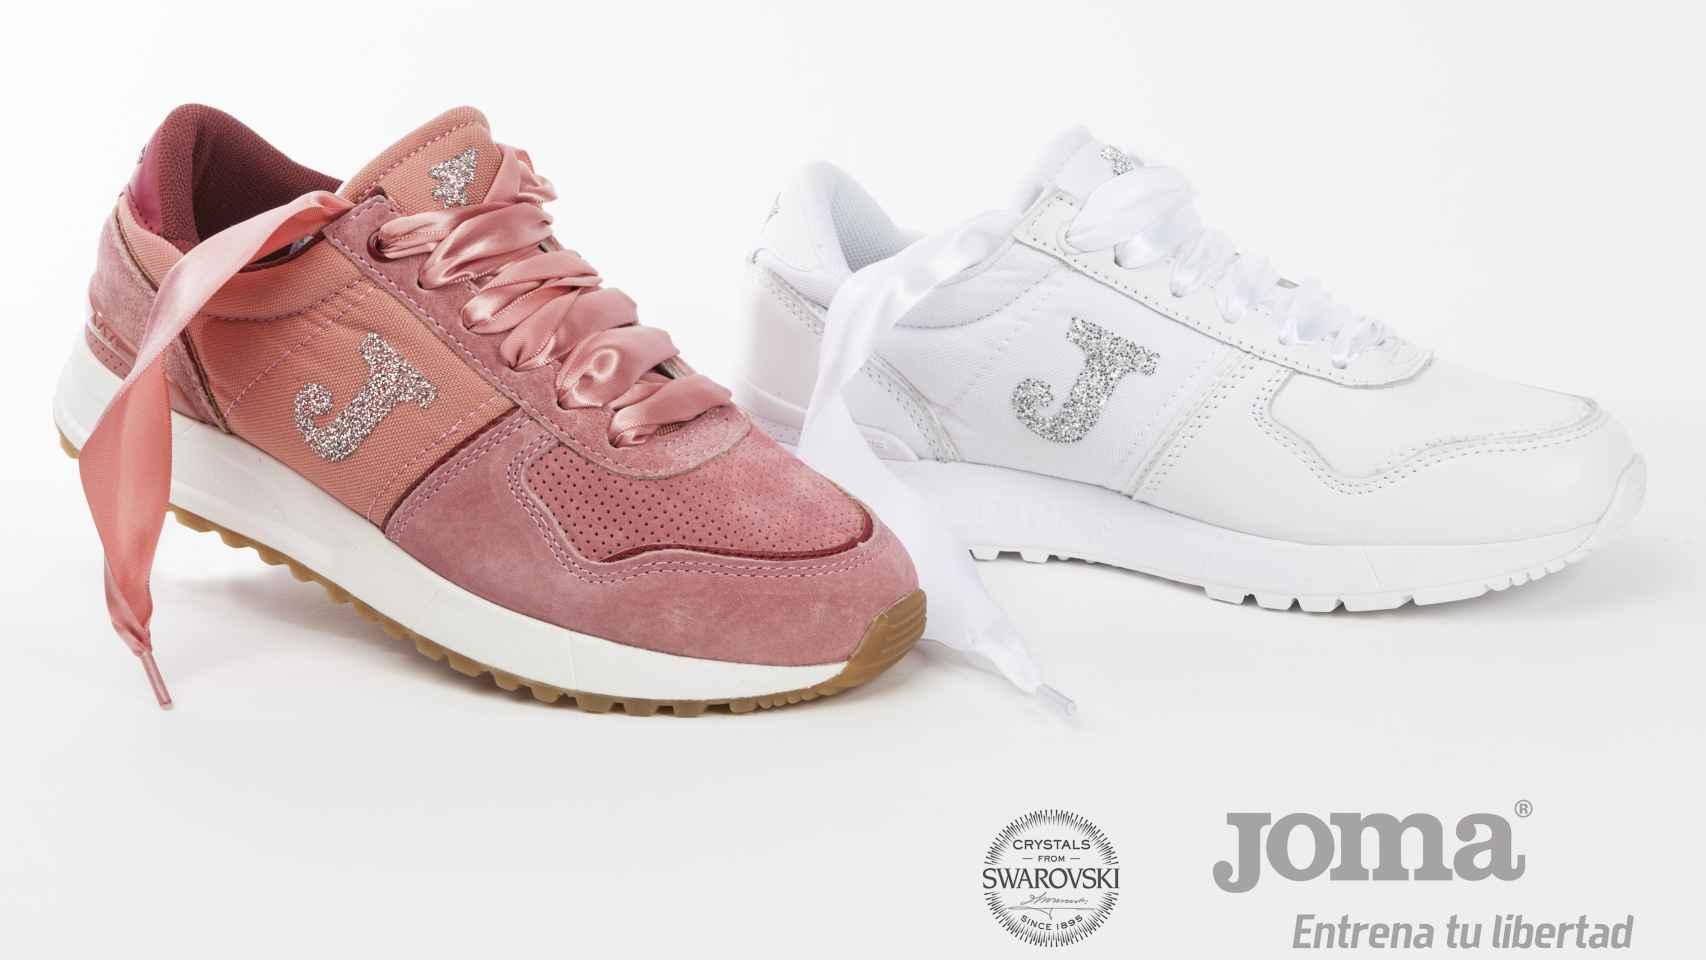 Las 'sneakers' Joma Swarovsky.